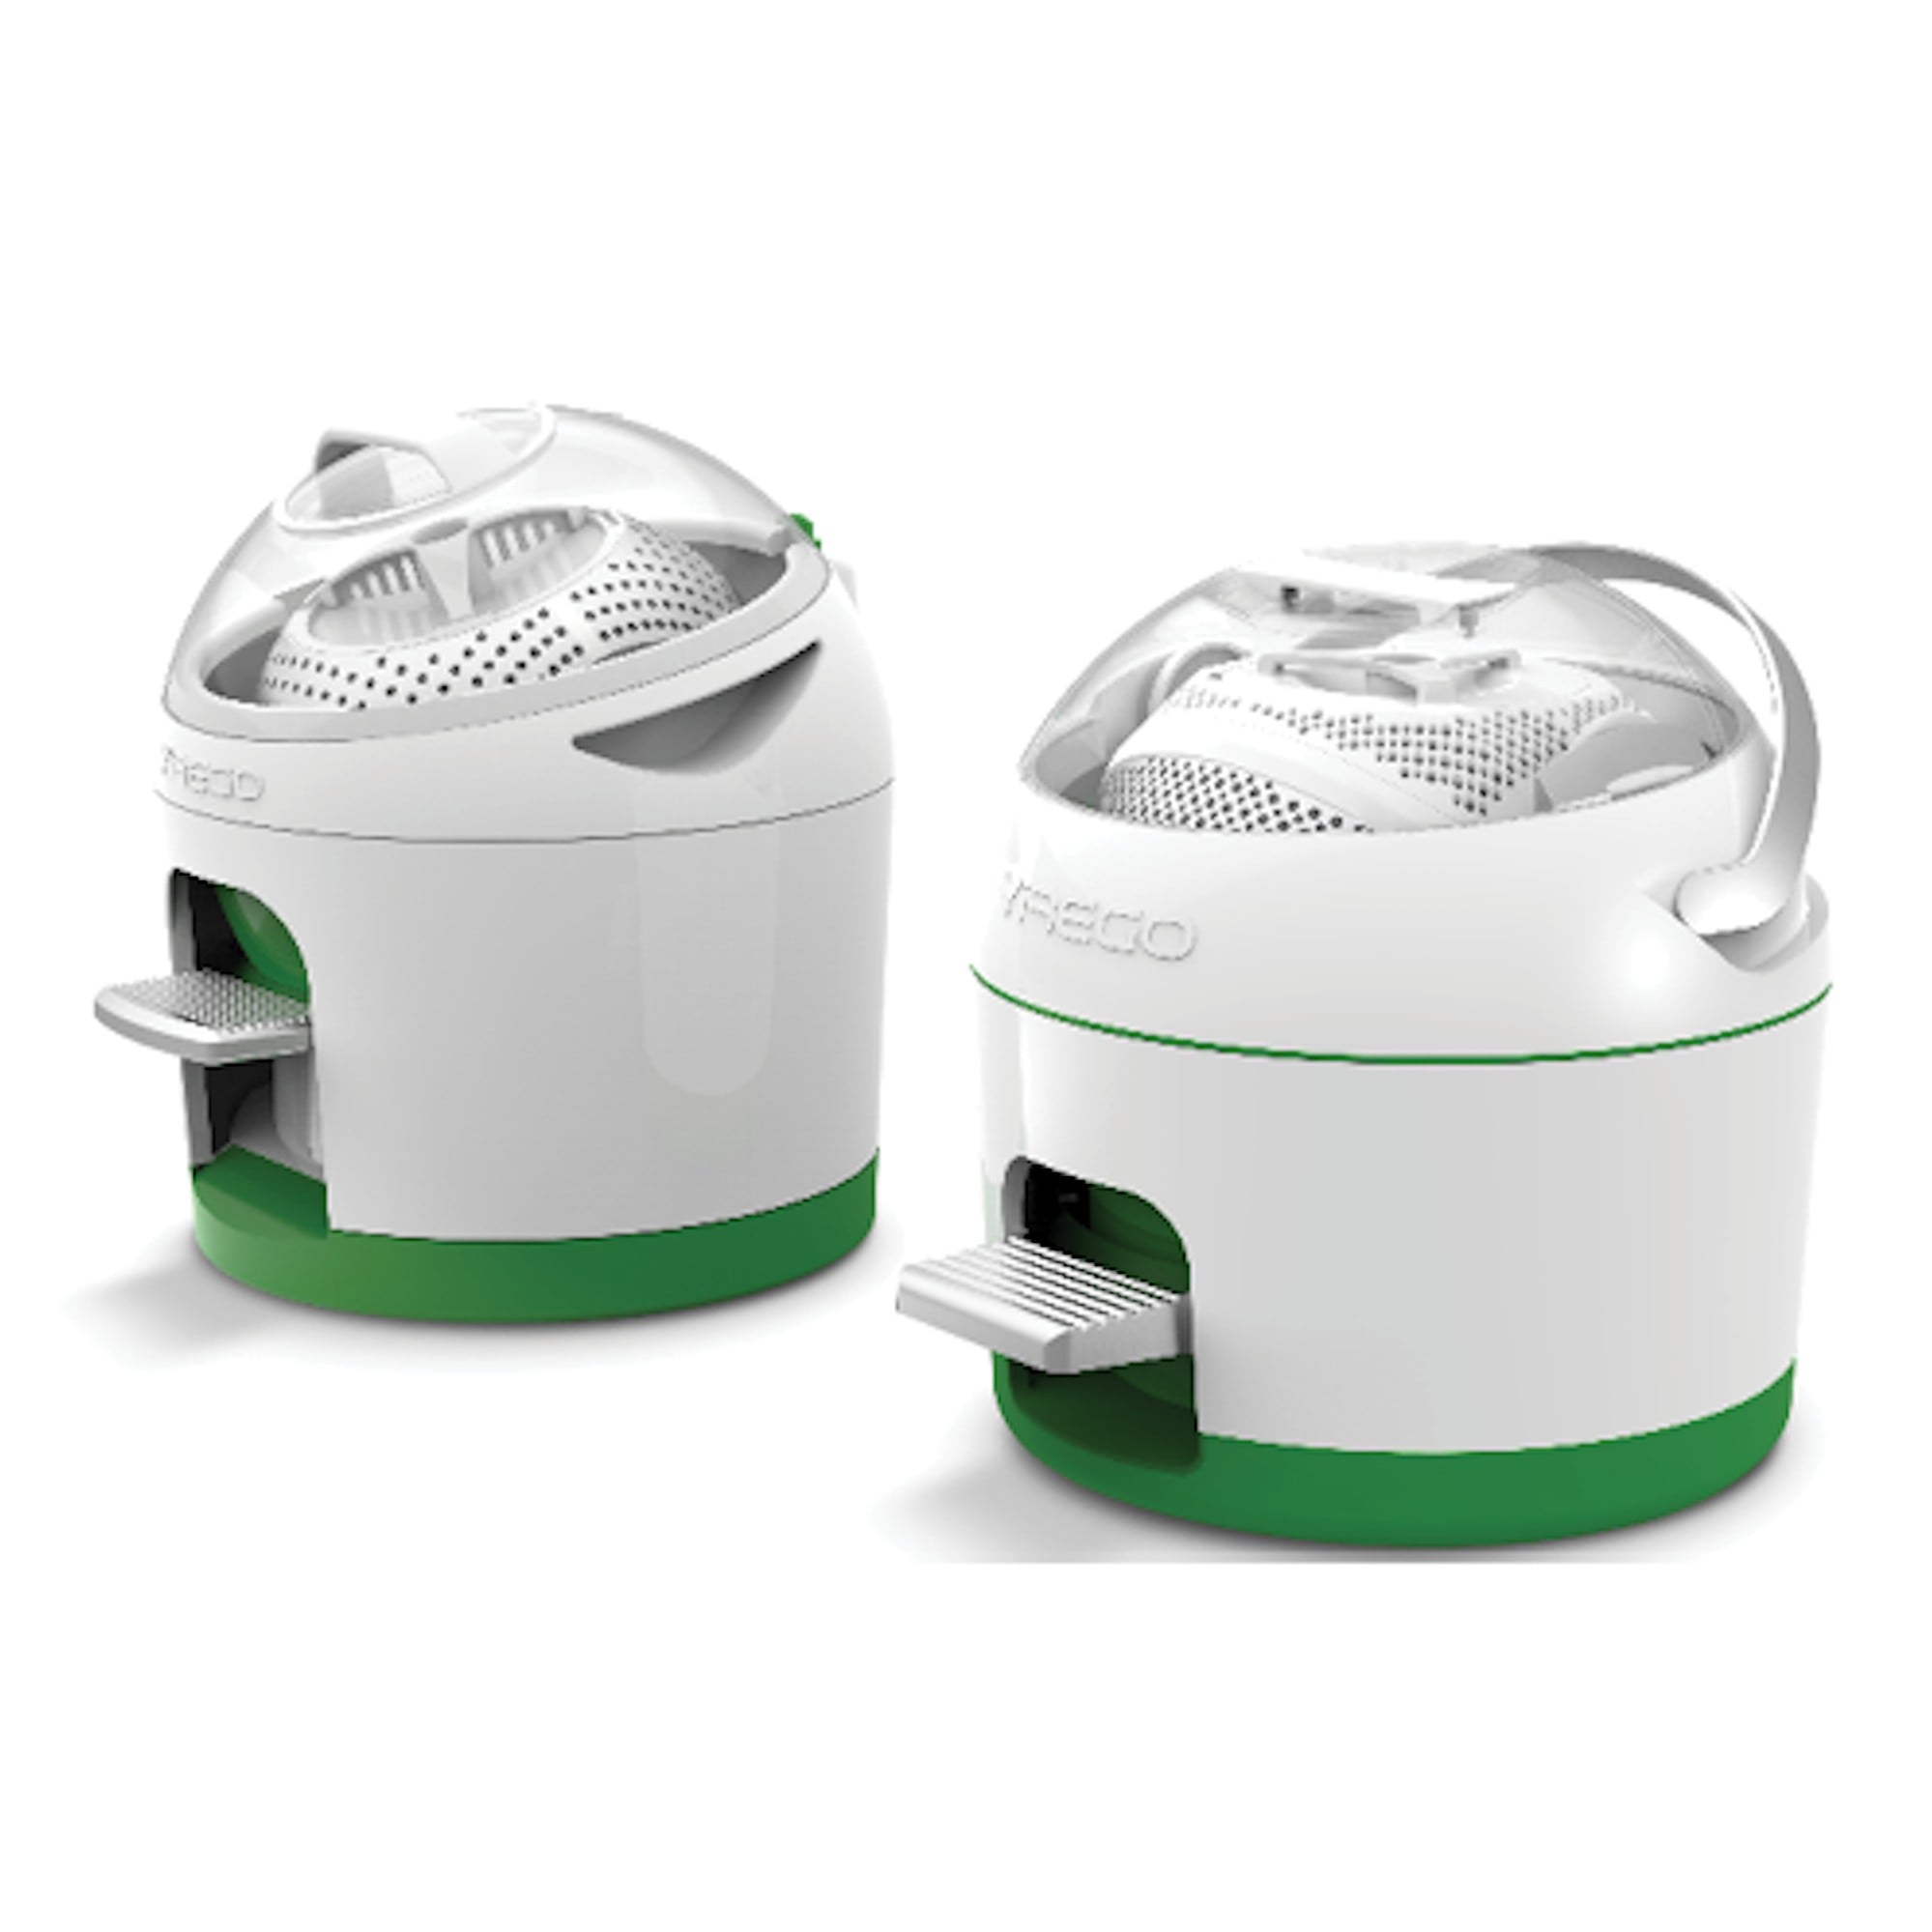 Travel Washing Machine Portable Drumi Washing Machine Popsugar Home